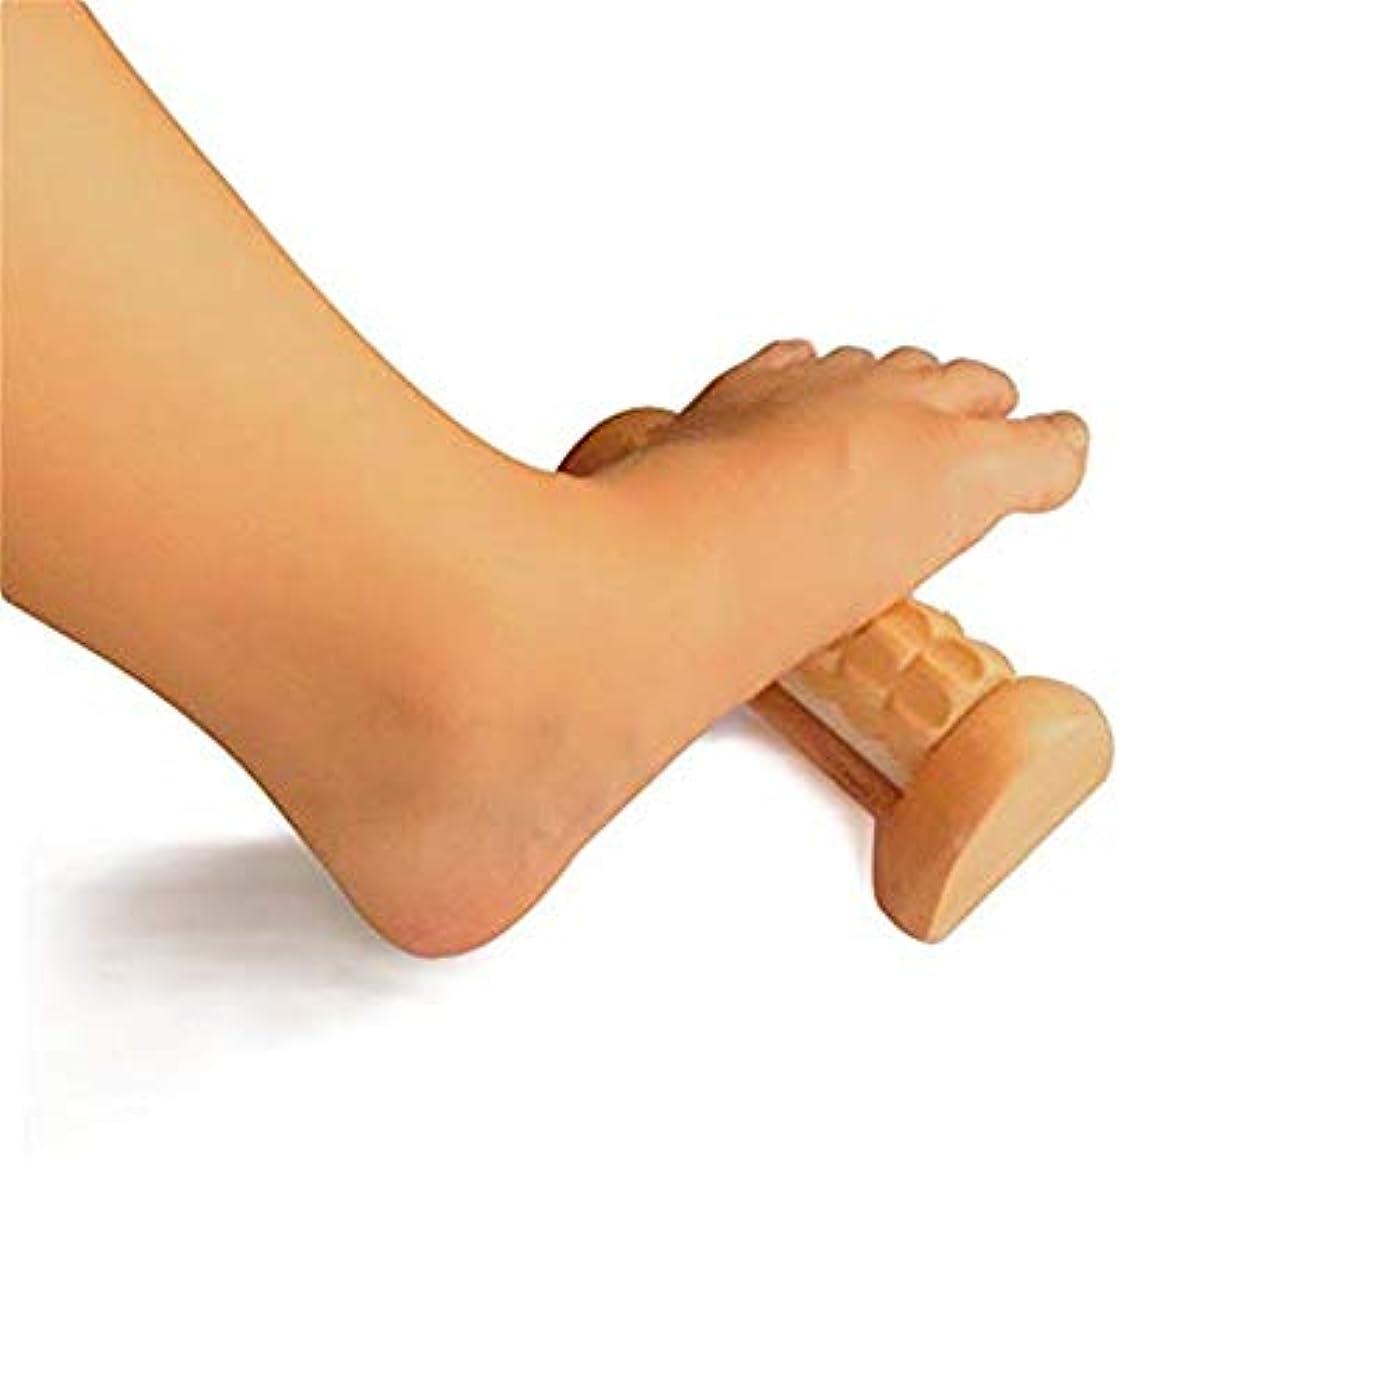 案件パンダ気難しいFoot Massager Roller - 足のARCHの痛み、足底筋膜炎、痛みのセルフマッサージと痛みを和らげます - 筋膜の弛緩、リラックスした緊張/タイトな筋膜およびアーチを刺激します